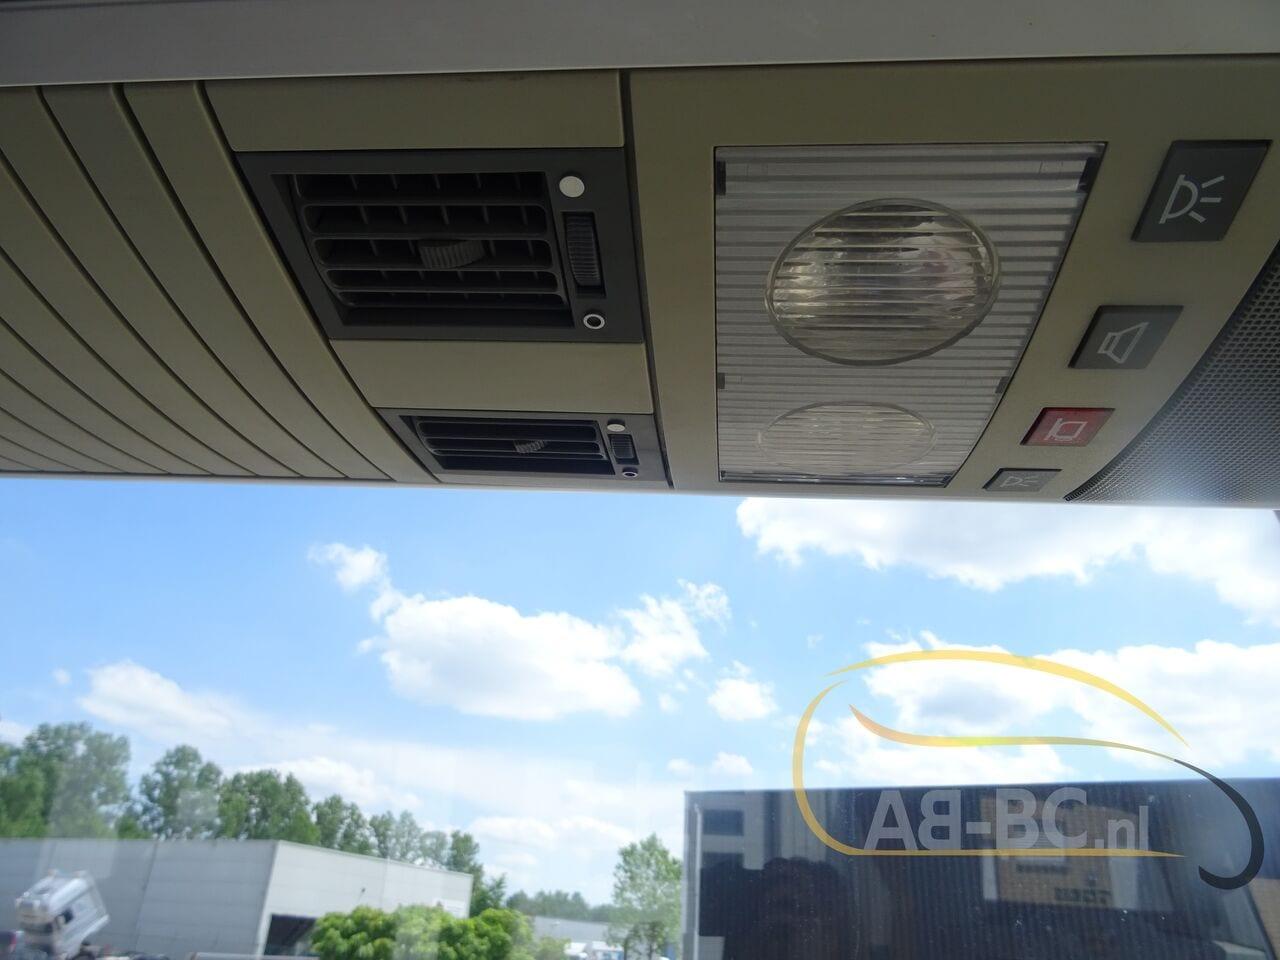 coach-busTEMSA-Safari-RD-DAF-Motor-53-Seats-Euro-5---1623932515346447902_big_32621d251f0b1d9e217d2eb43a3ebb4a--21061715155620919600